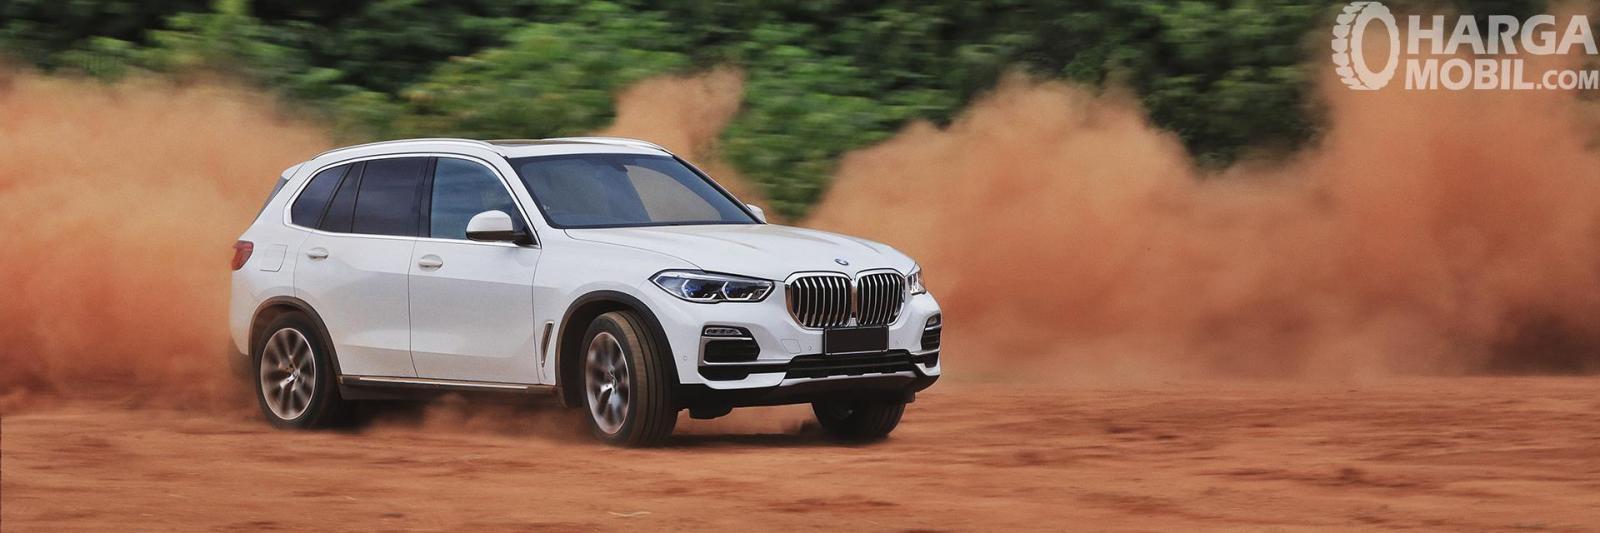 foto aksi All-New BMW X5 berwarna putih di atas jalanan off-road